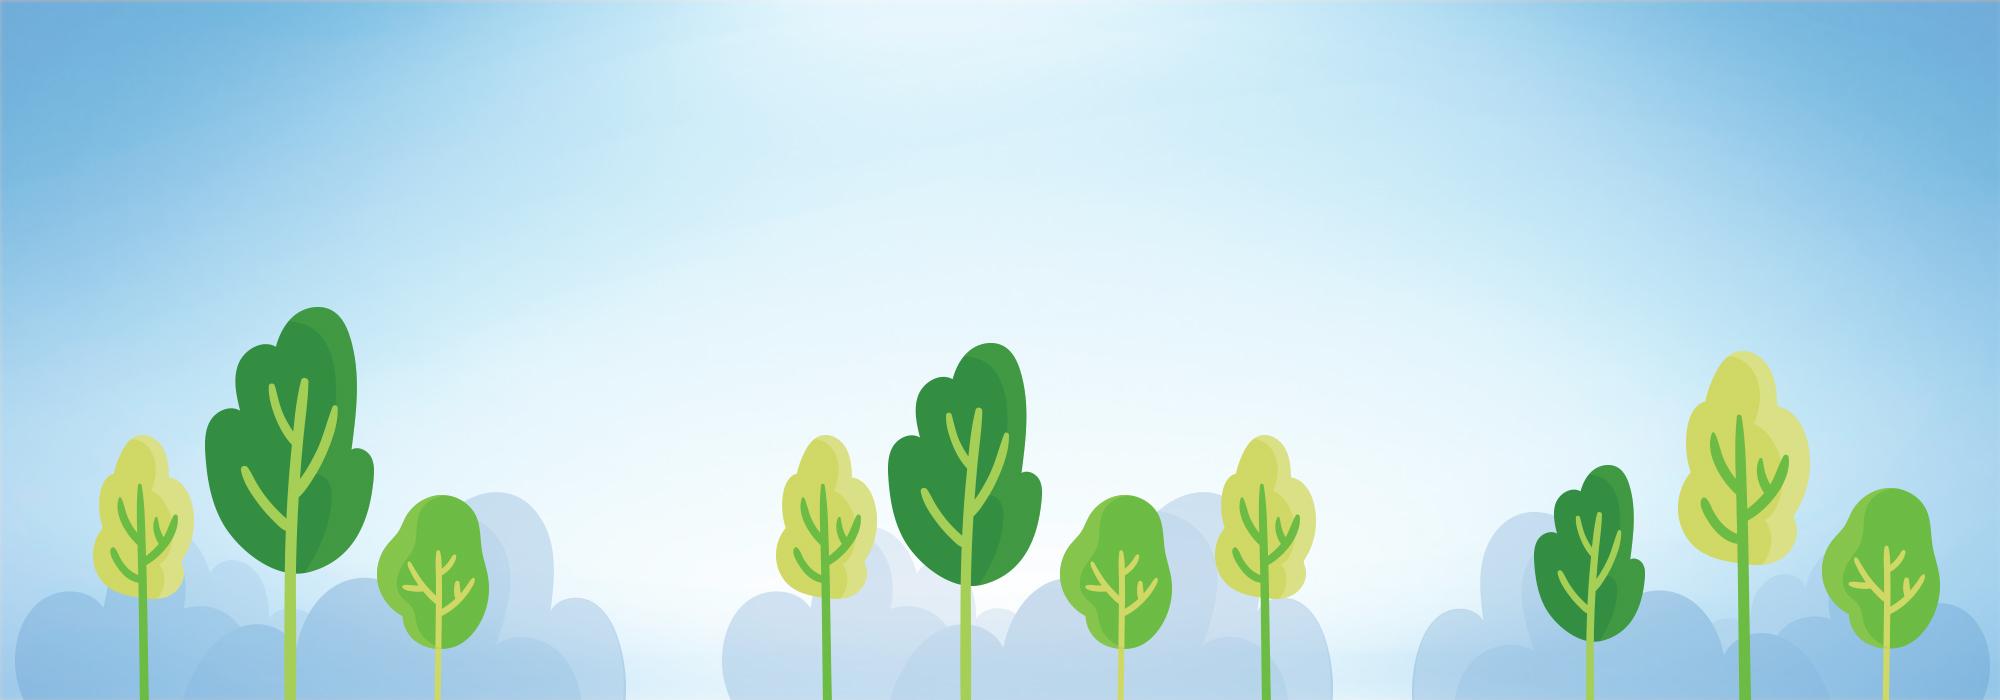 Ympäristöasiaa